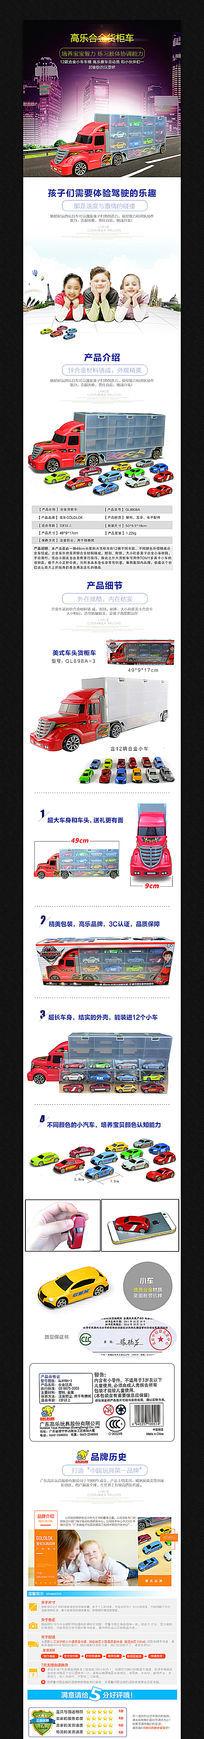 淘宝玩具车详情页细节模板